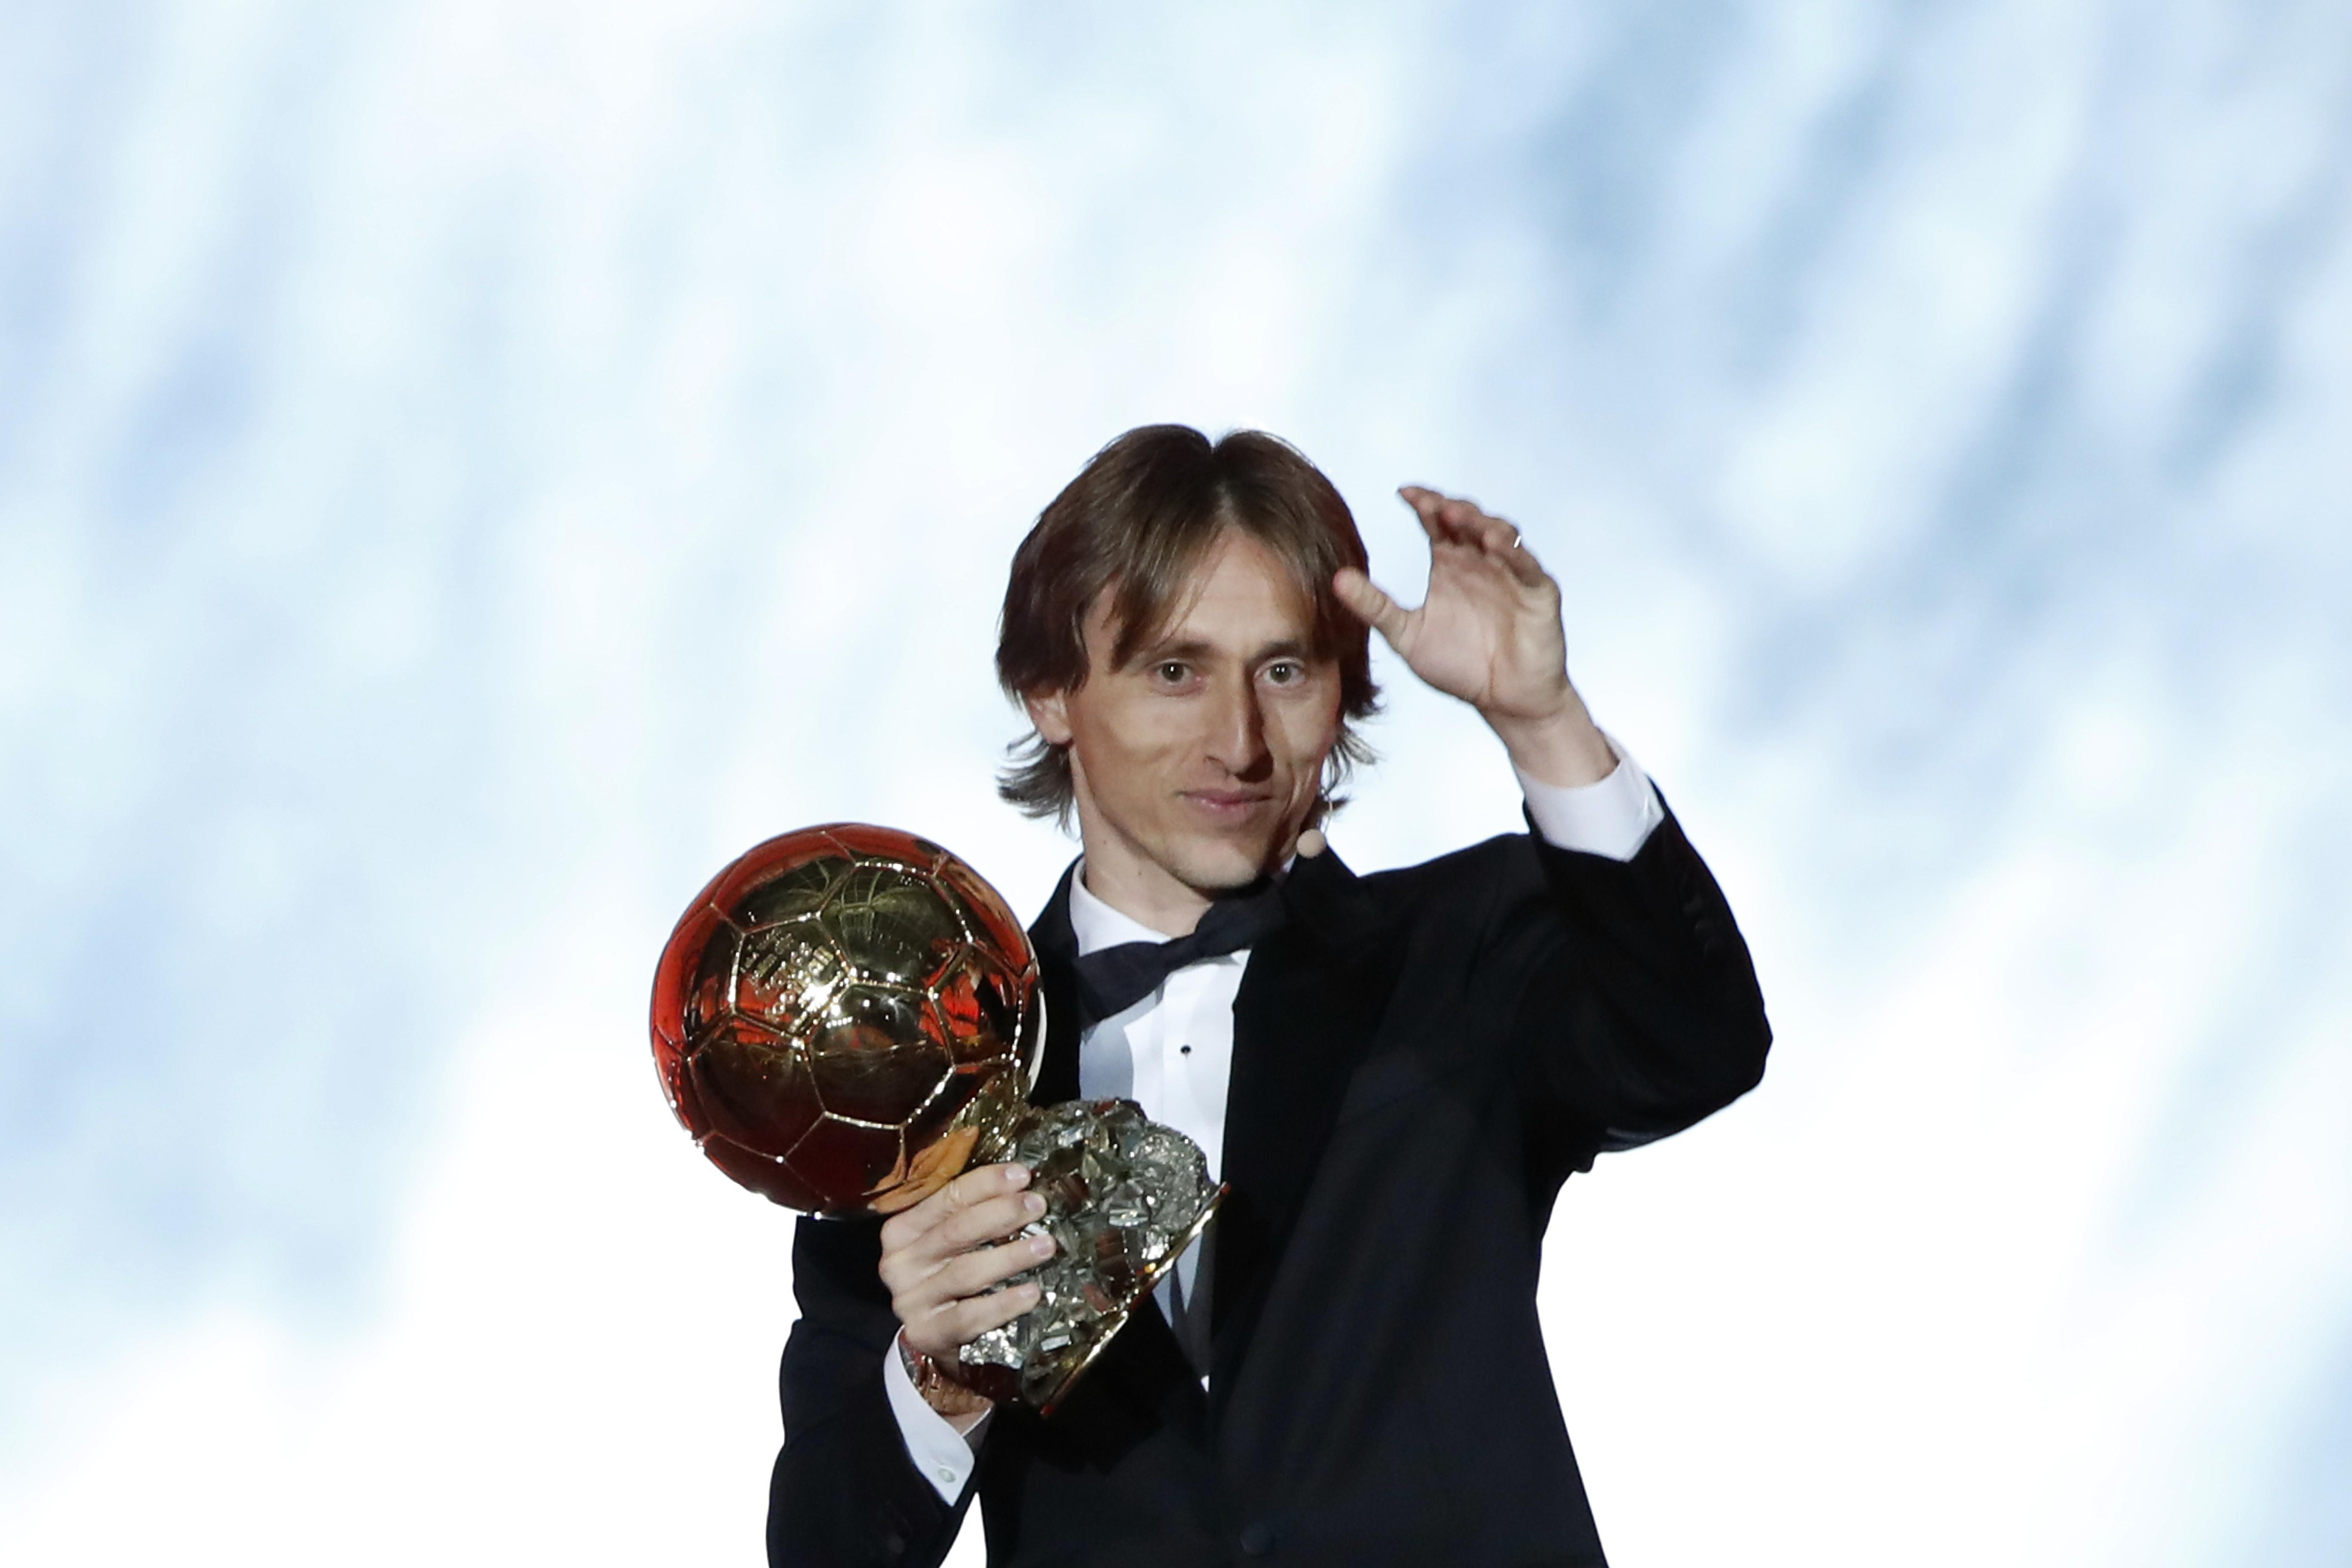 Обладатель «Золотого мяча» 2018 года Лука Модрич